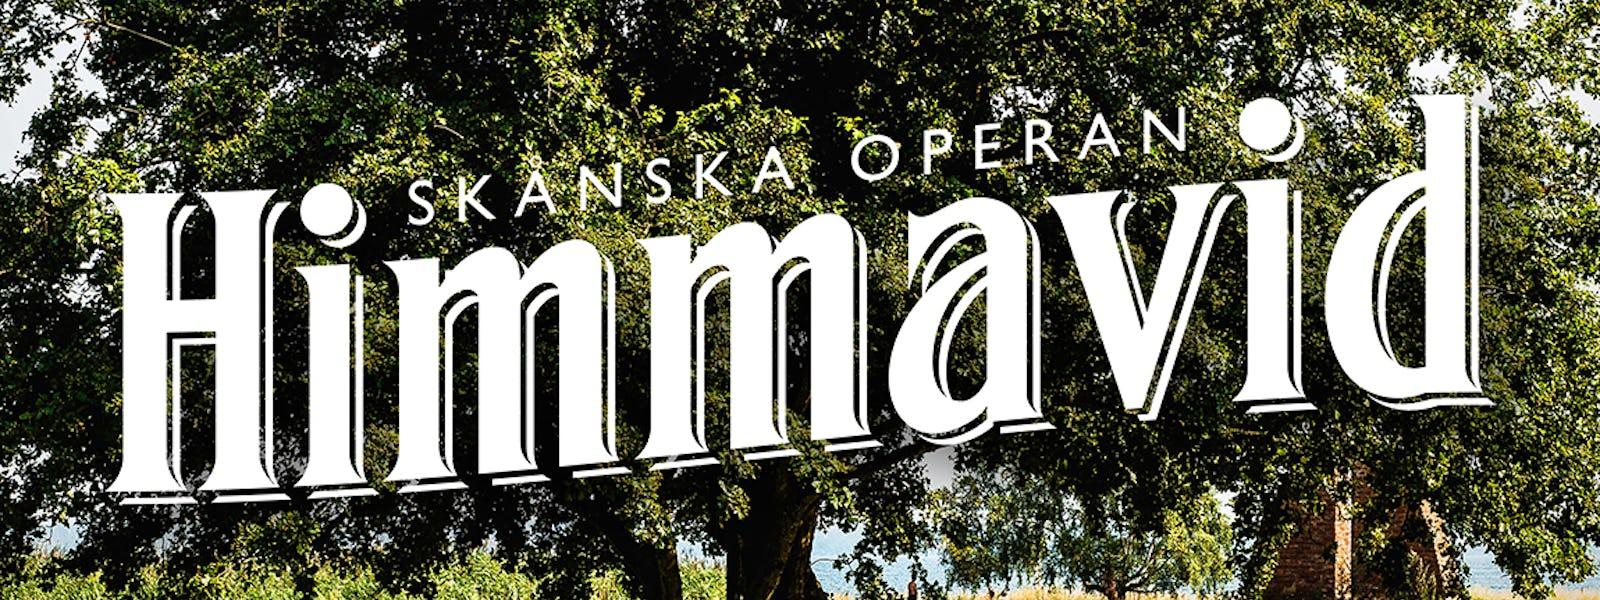 Bild - Skånska Operan himmavid